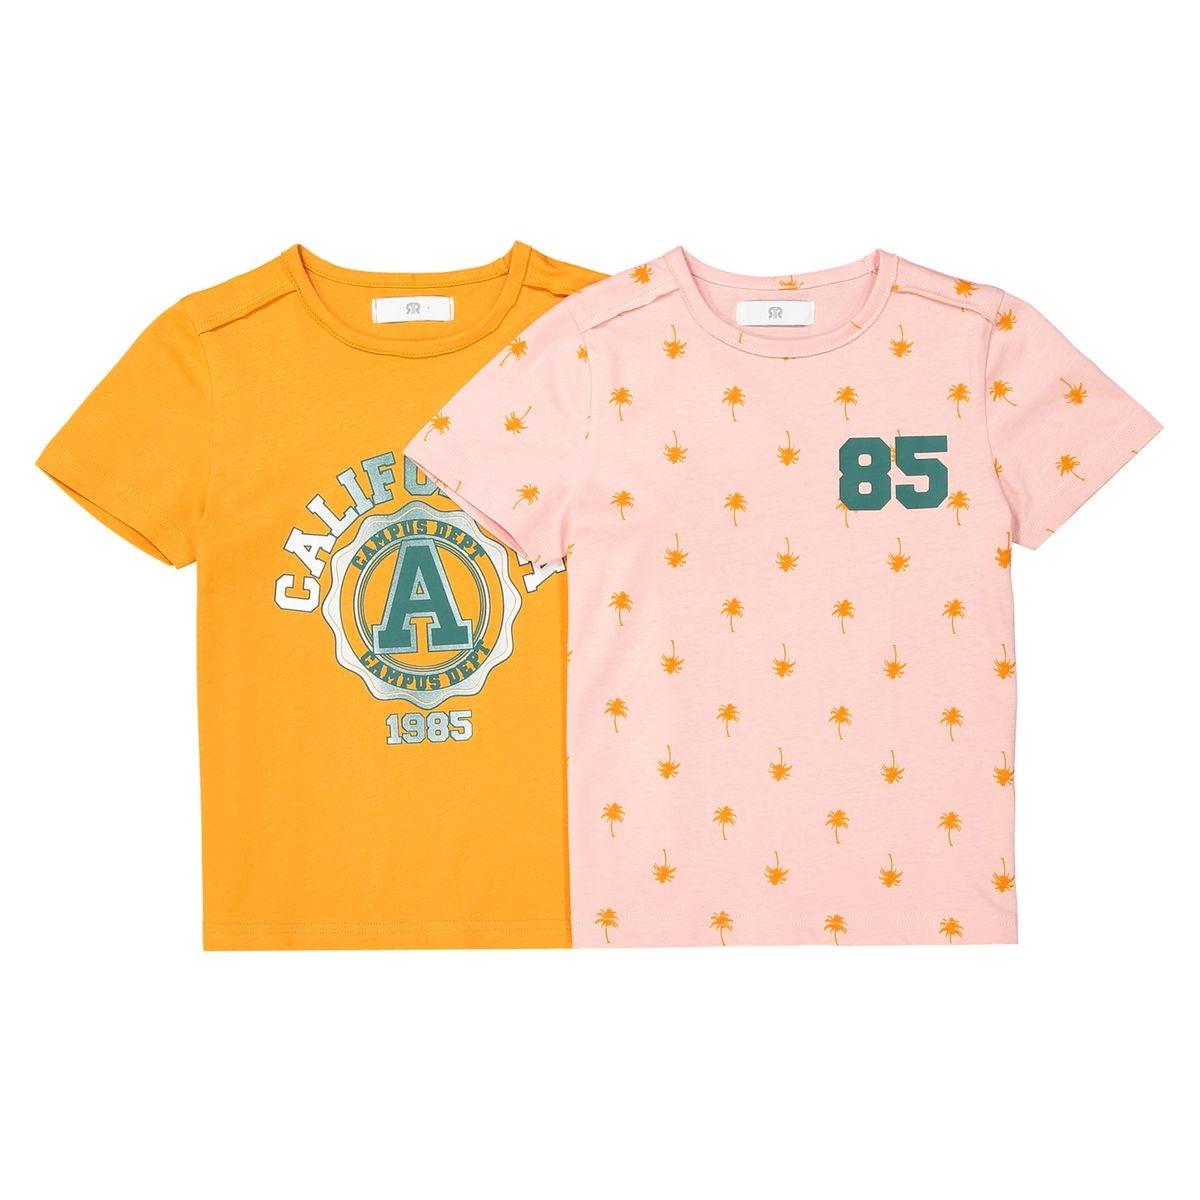 Lot de 2 T-shirts imprimés 3-12 ans